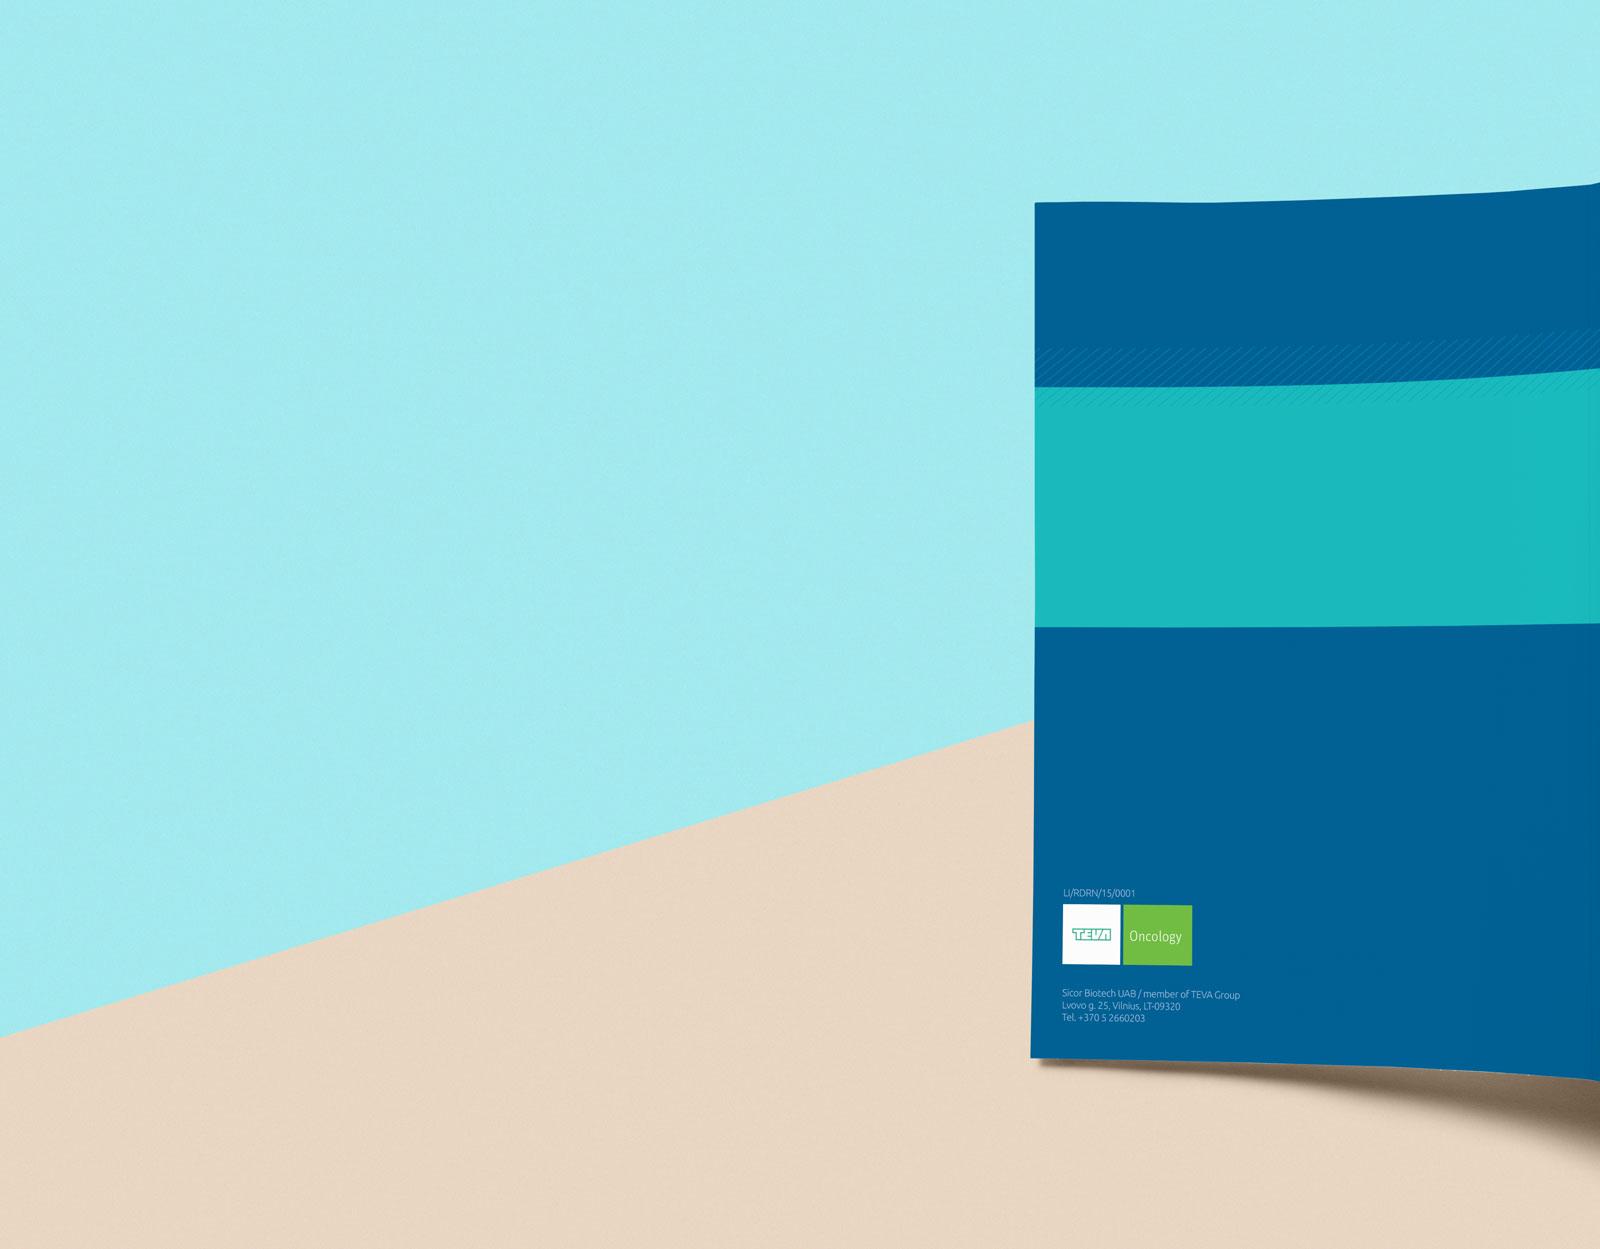 Reklaminio katalogo nugarėlės dizainas